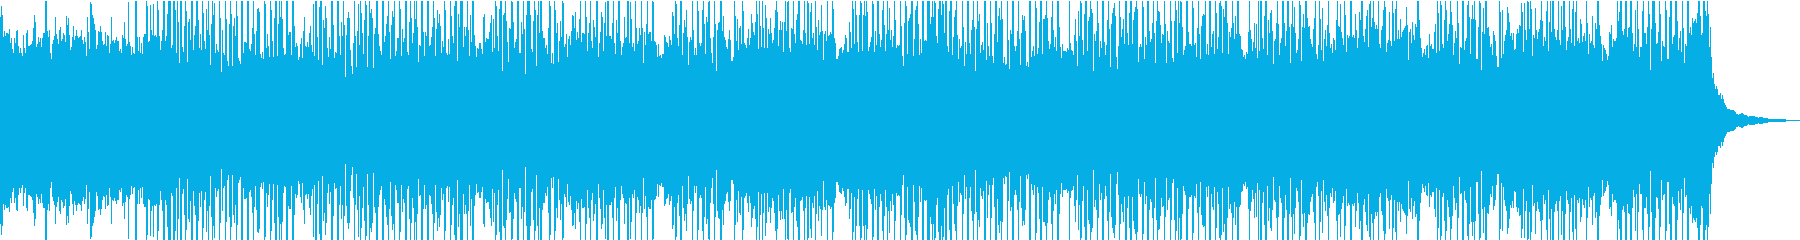 ピアノとシンセサイザーが爽やかなBGMの再生済みの波形